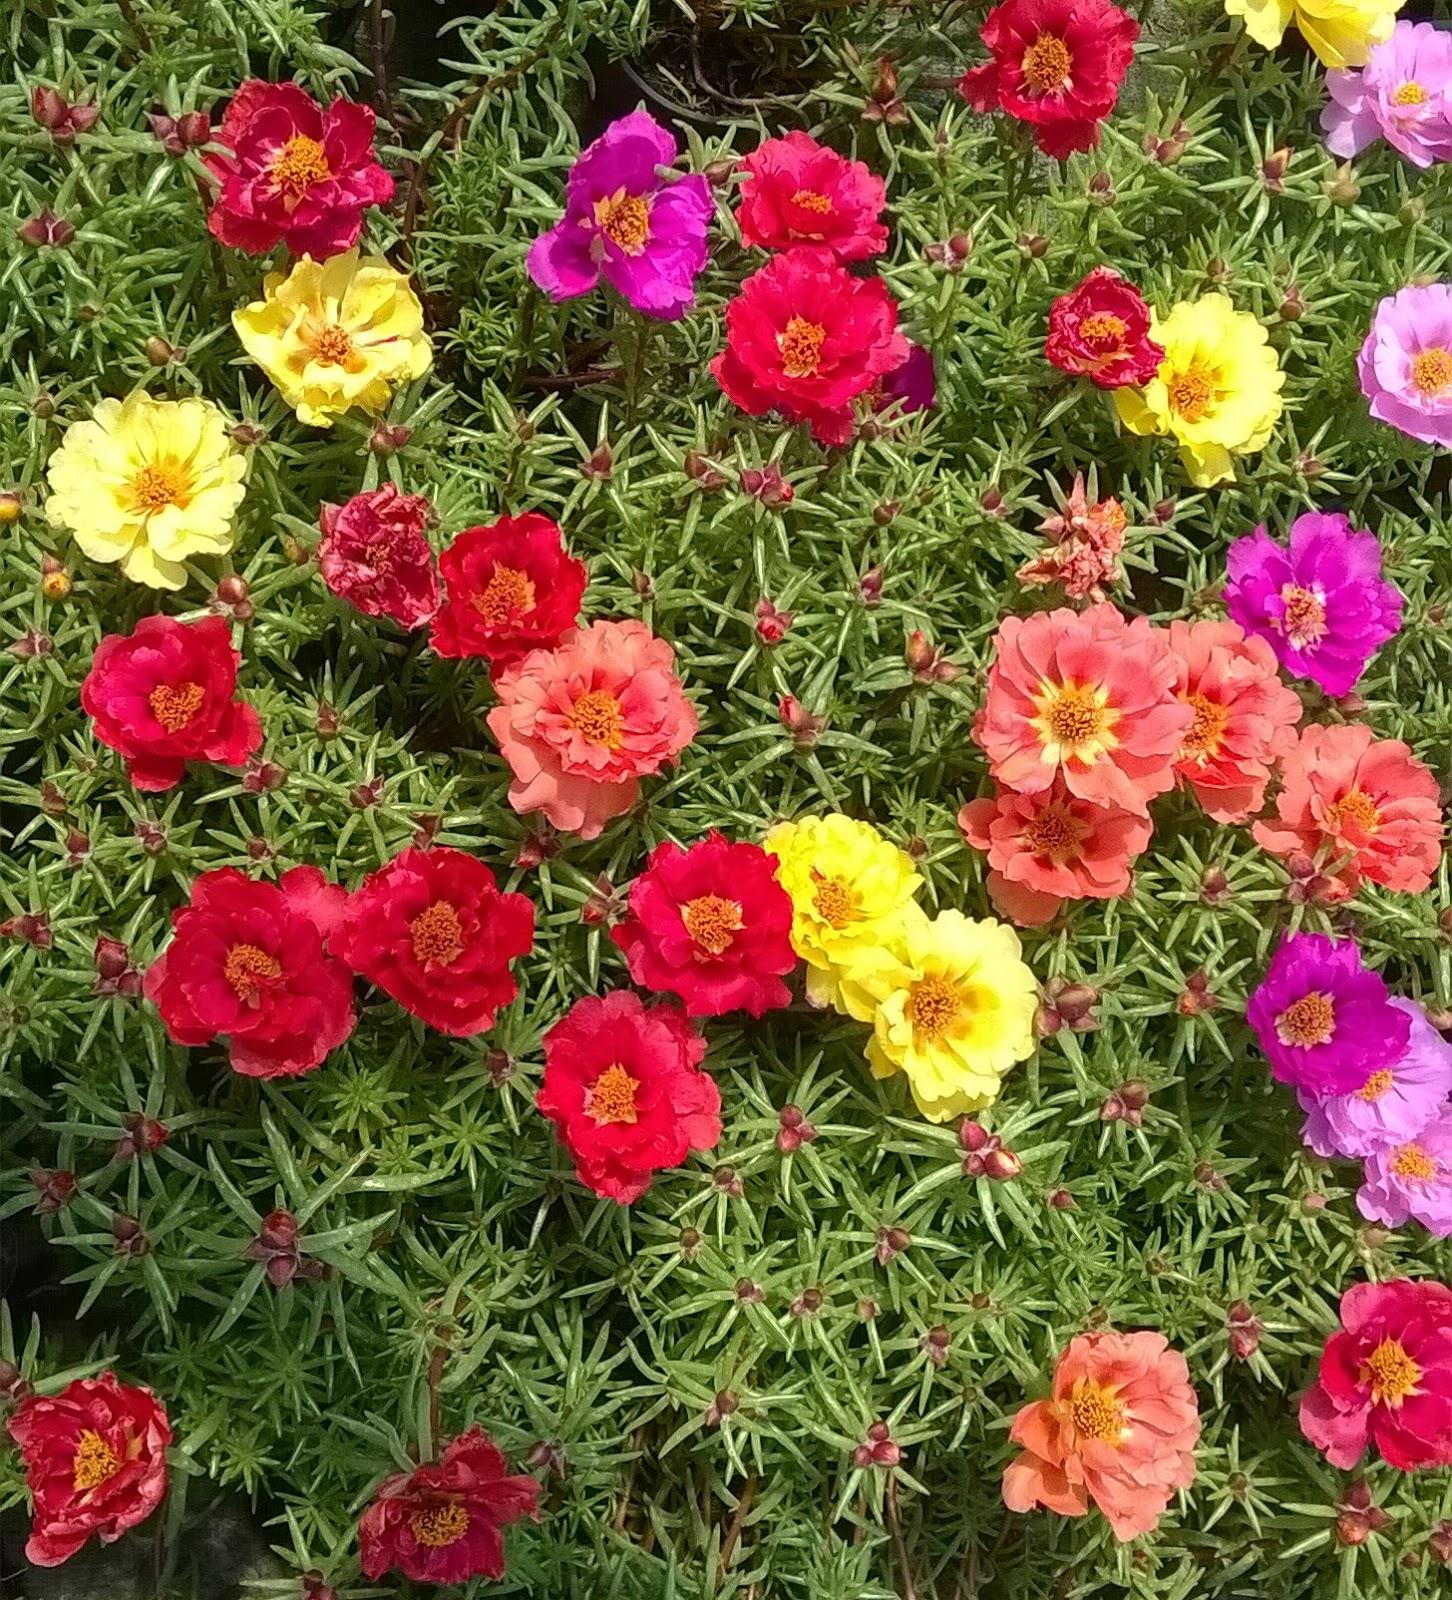 поздравления стихах полуденный жар цветы фото нас есть